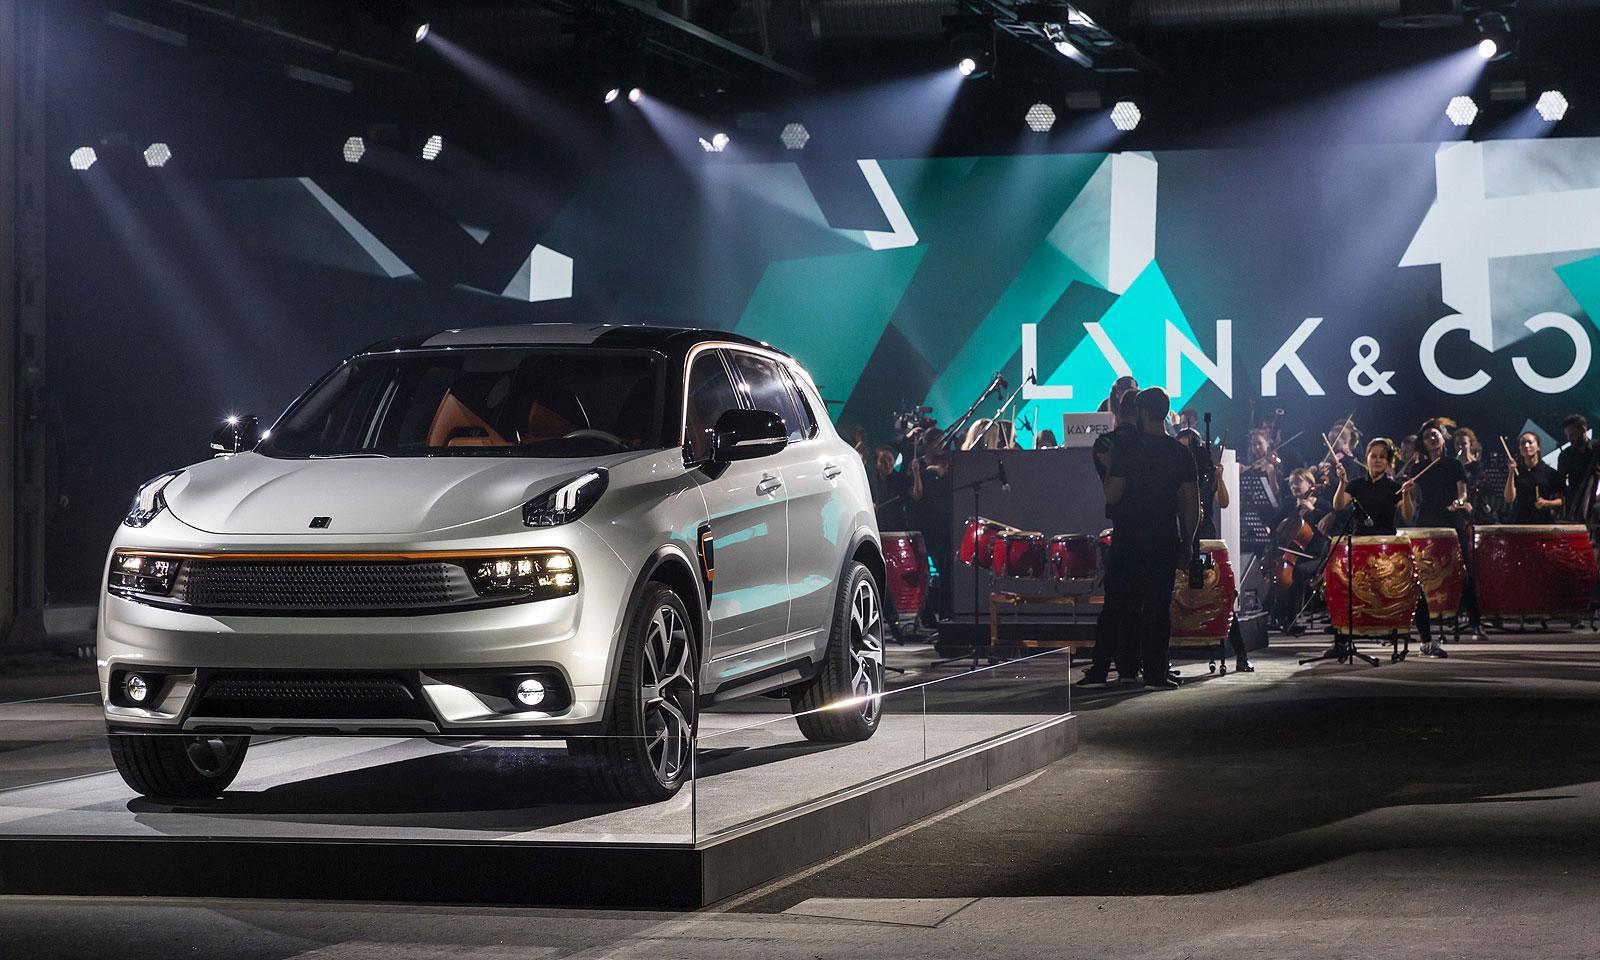 吉利子品牌Lynk & CO将携首款车亮相上海车展